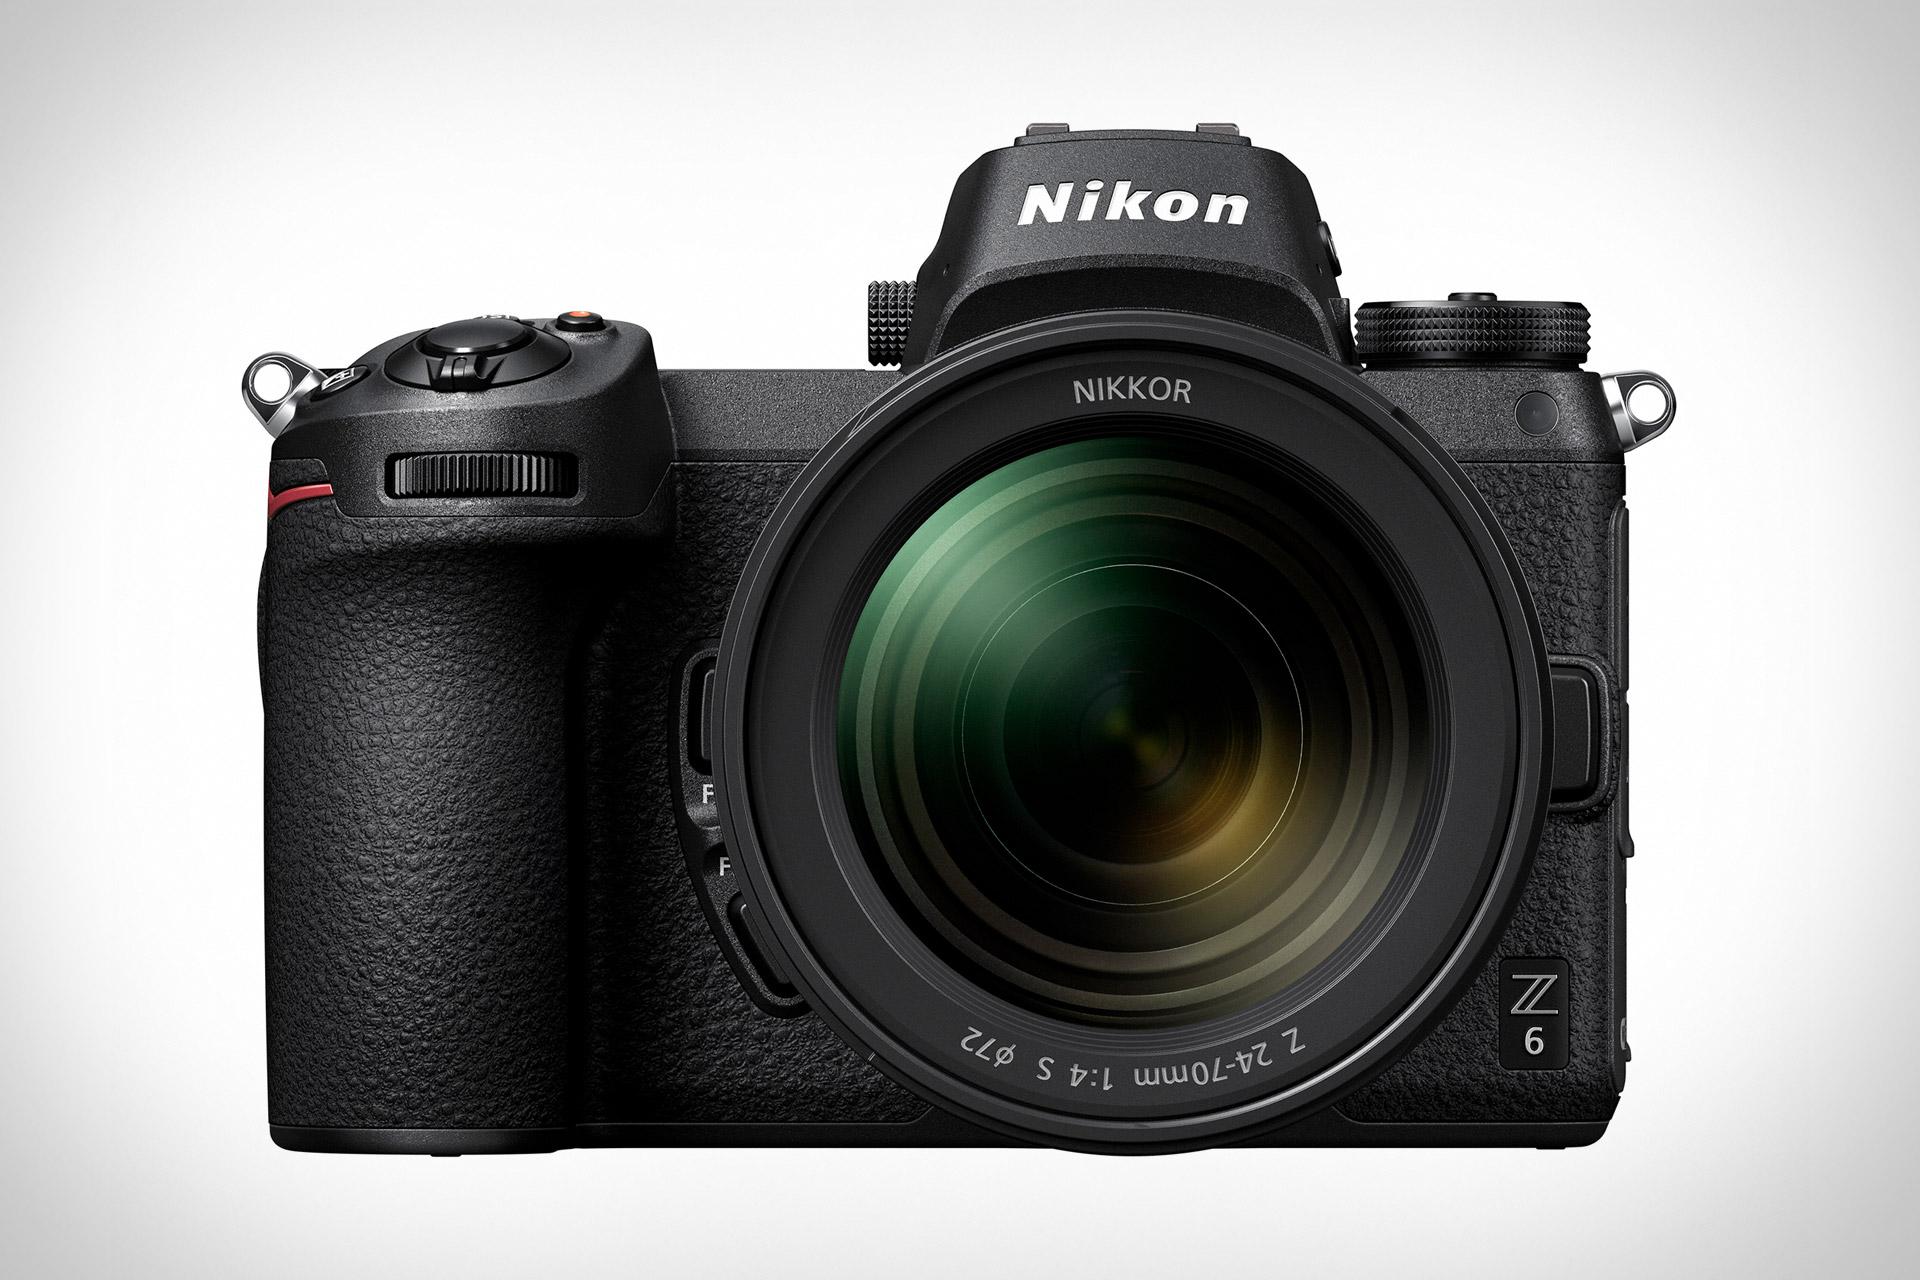 Nikon Z7 and Z6 Cameras